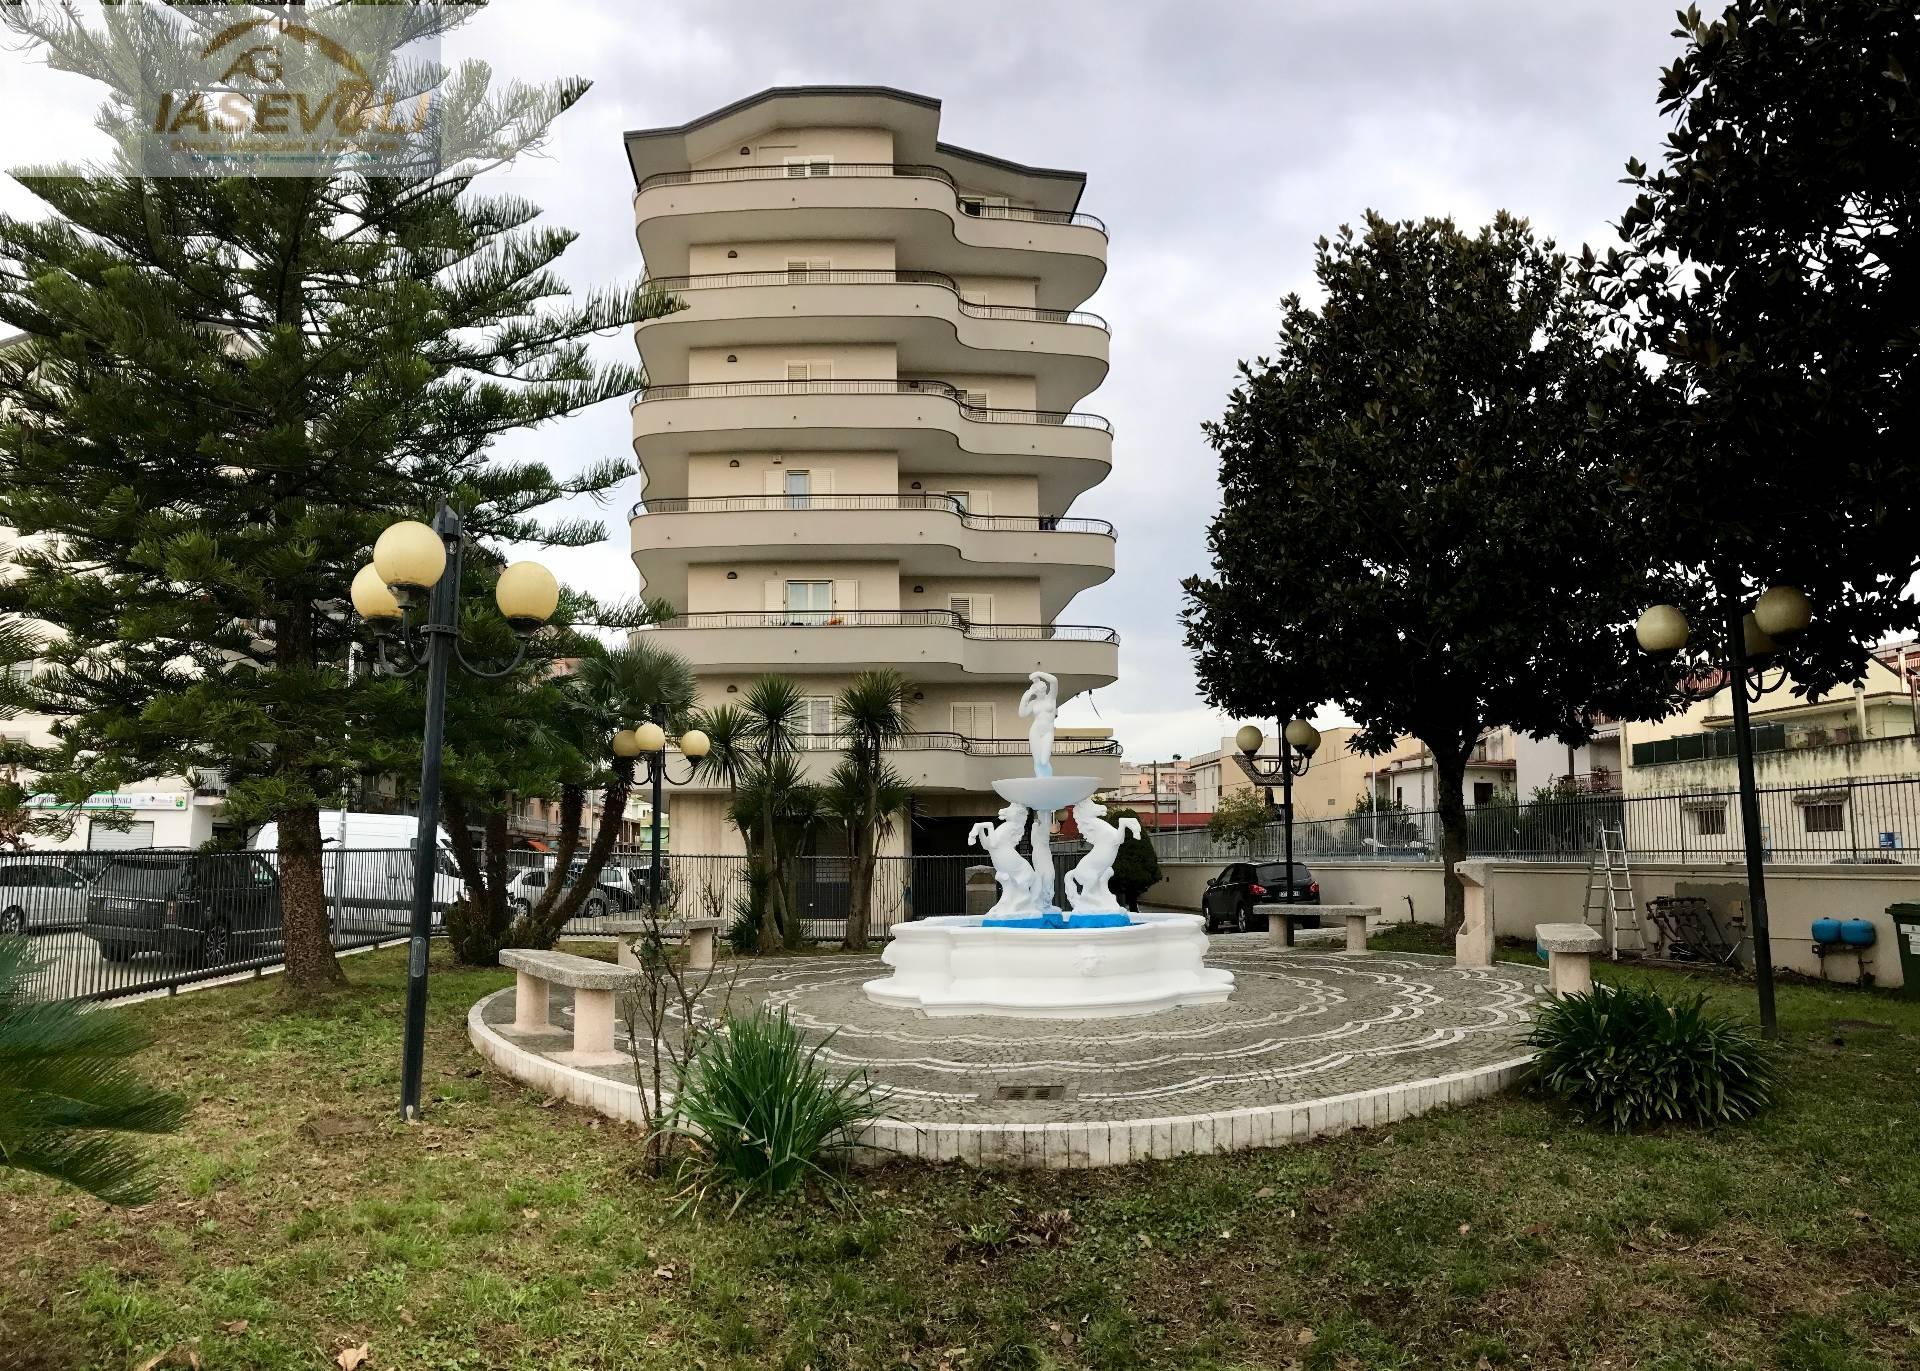 Negozio / Locale in affitto a Casalnuovo di Napoli, 9999 locali, prezzo € 655 | CambioCasa.it